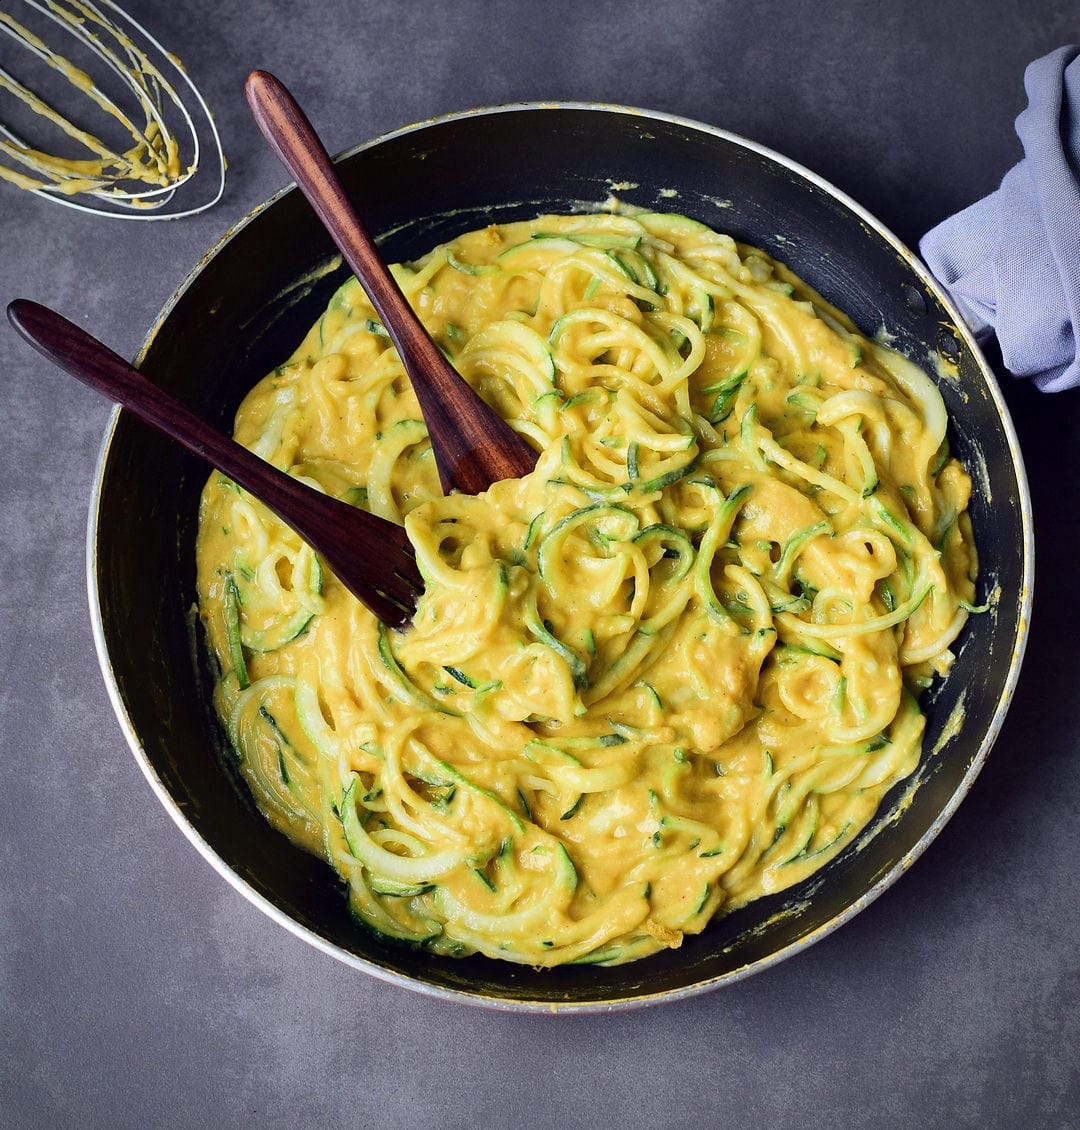 veganes mac and cheese rezept glutenfrei paleo freundlich elavegan german. Black Bedroom Furniture Sets. Home Design Ideas